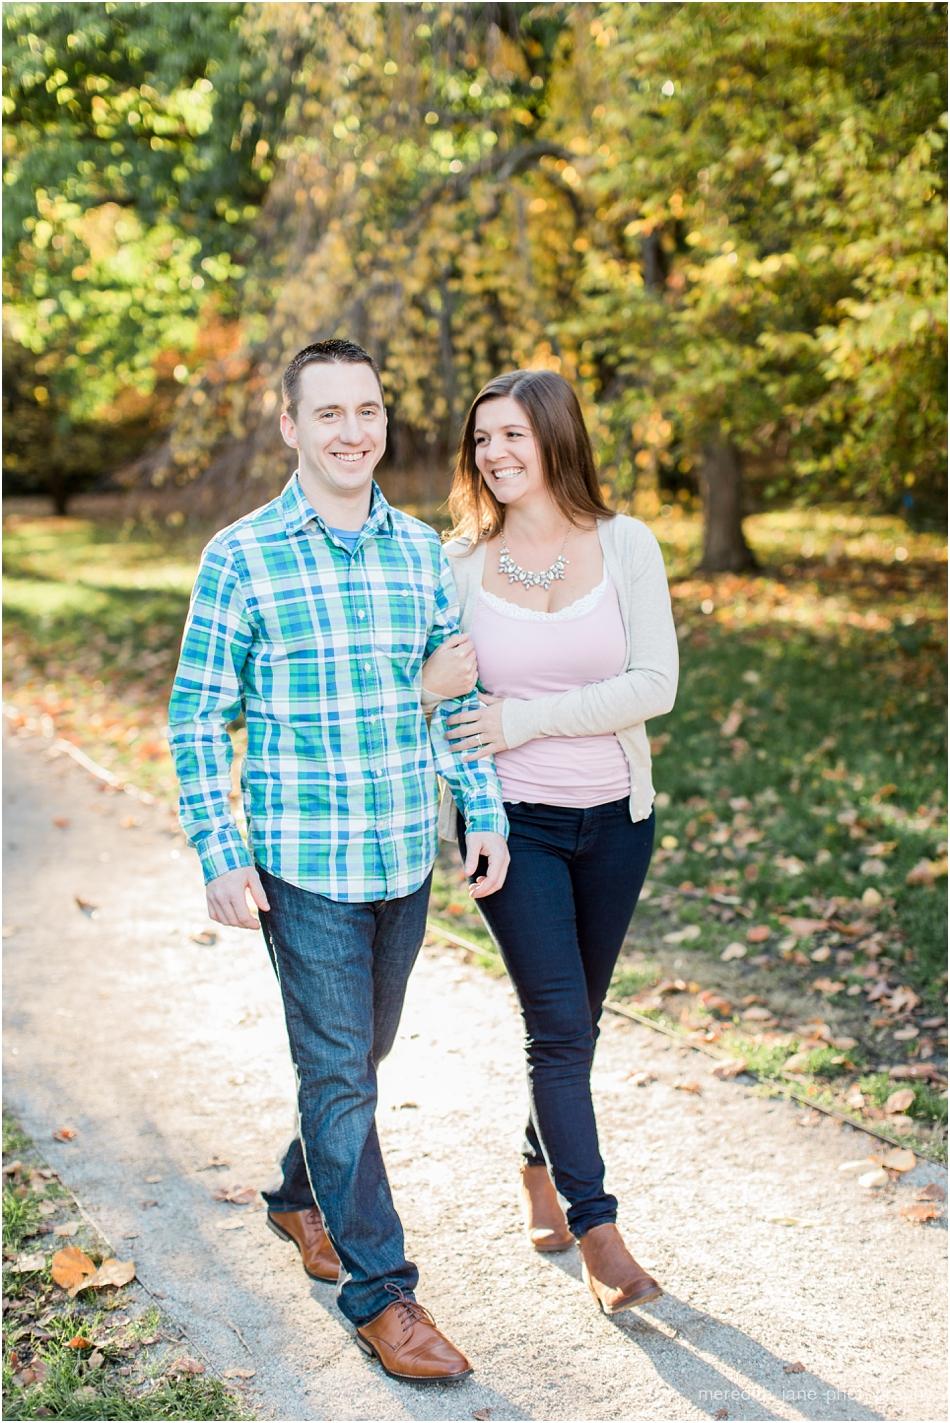 boston_massachusetts_engagment_arnold_arboretum_fall_foliage_cape_cod_wedding_photographer_meredith_jane_photography_photo_0933